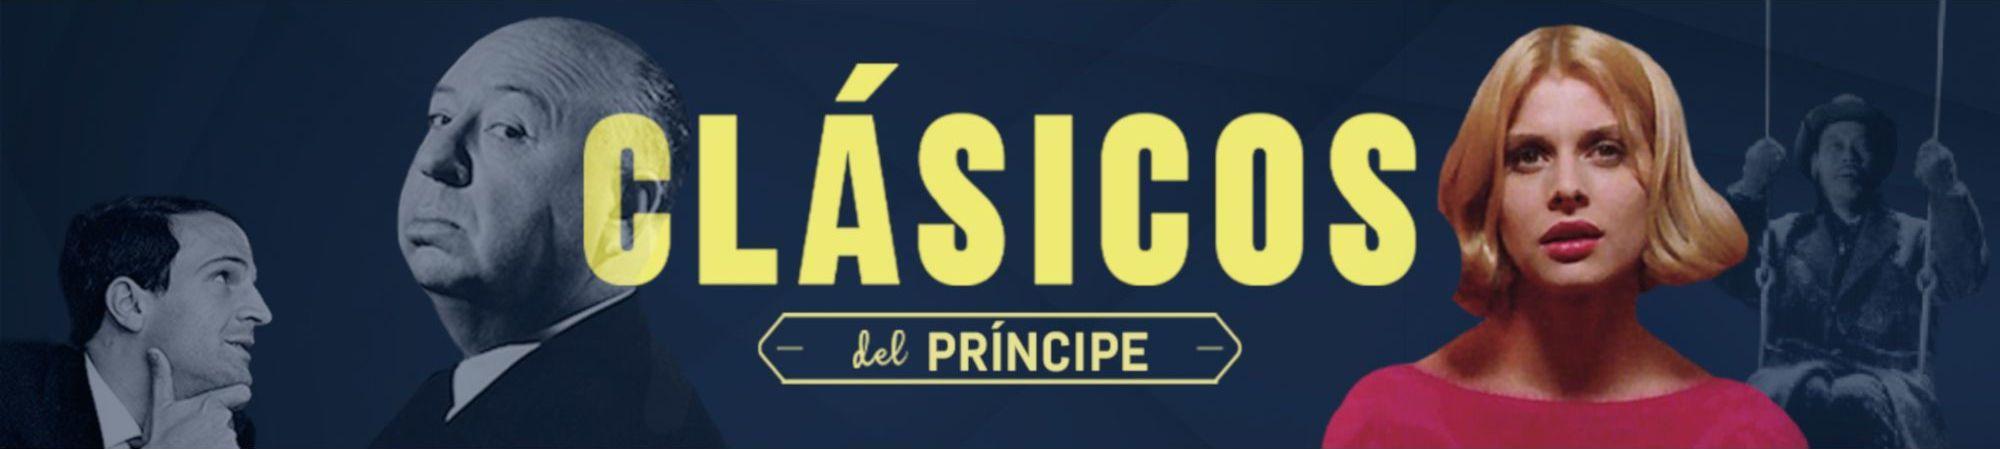 Clasicos 11 2020